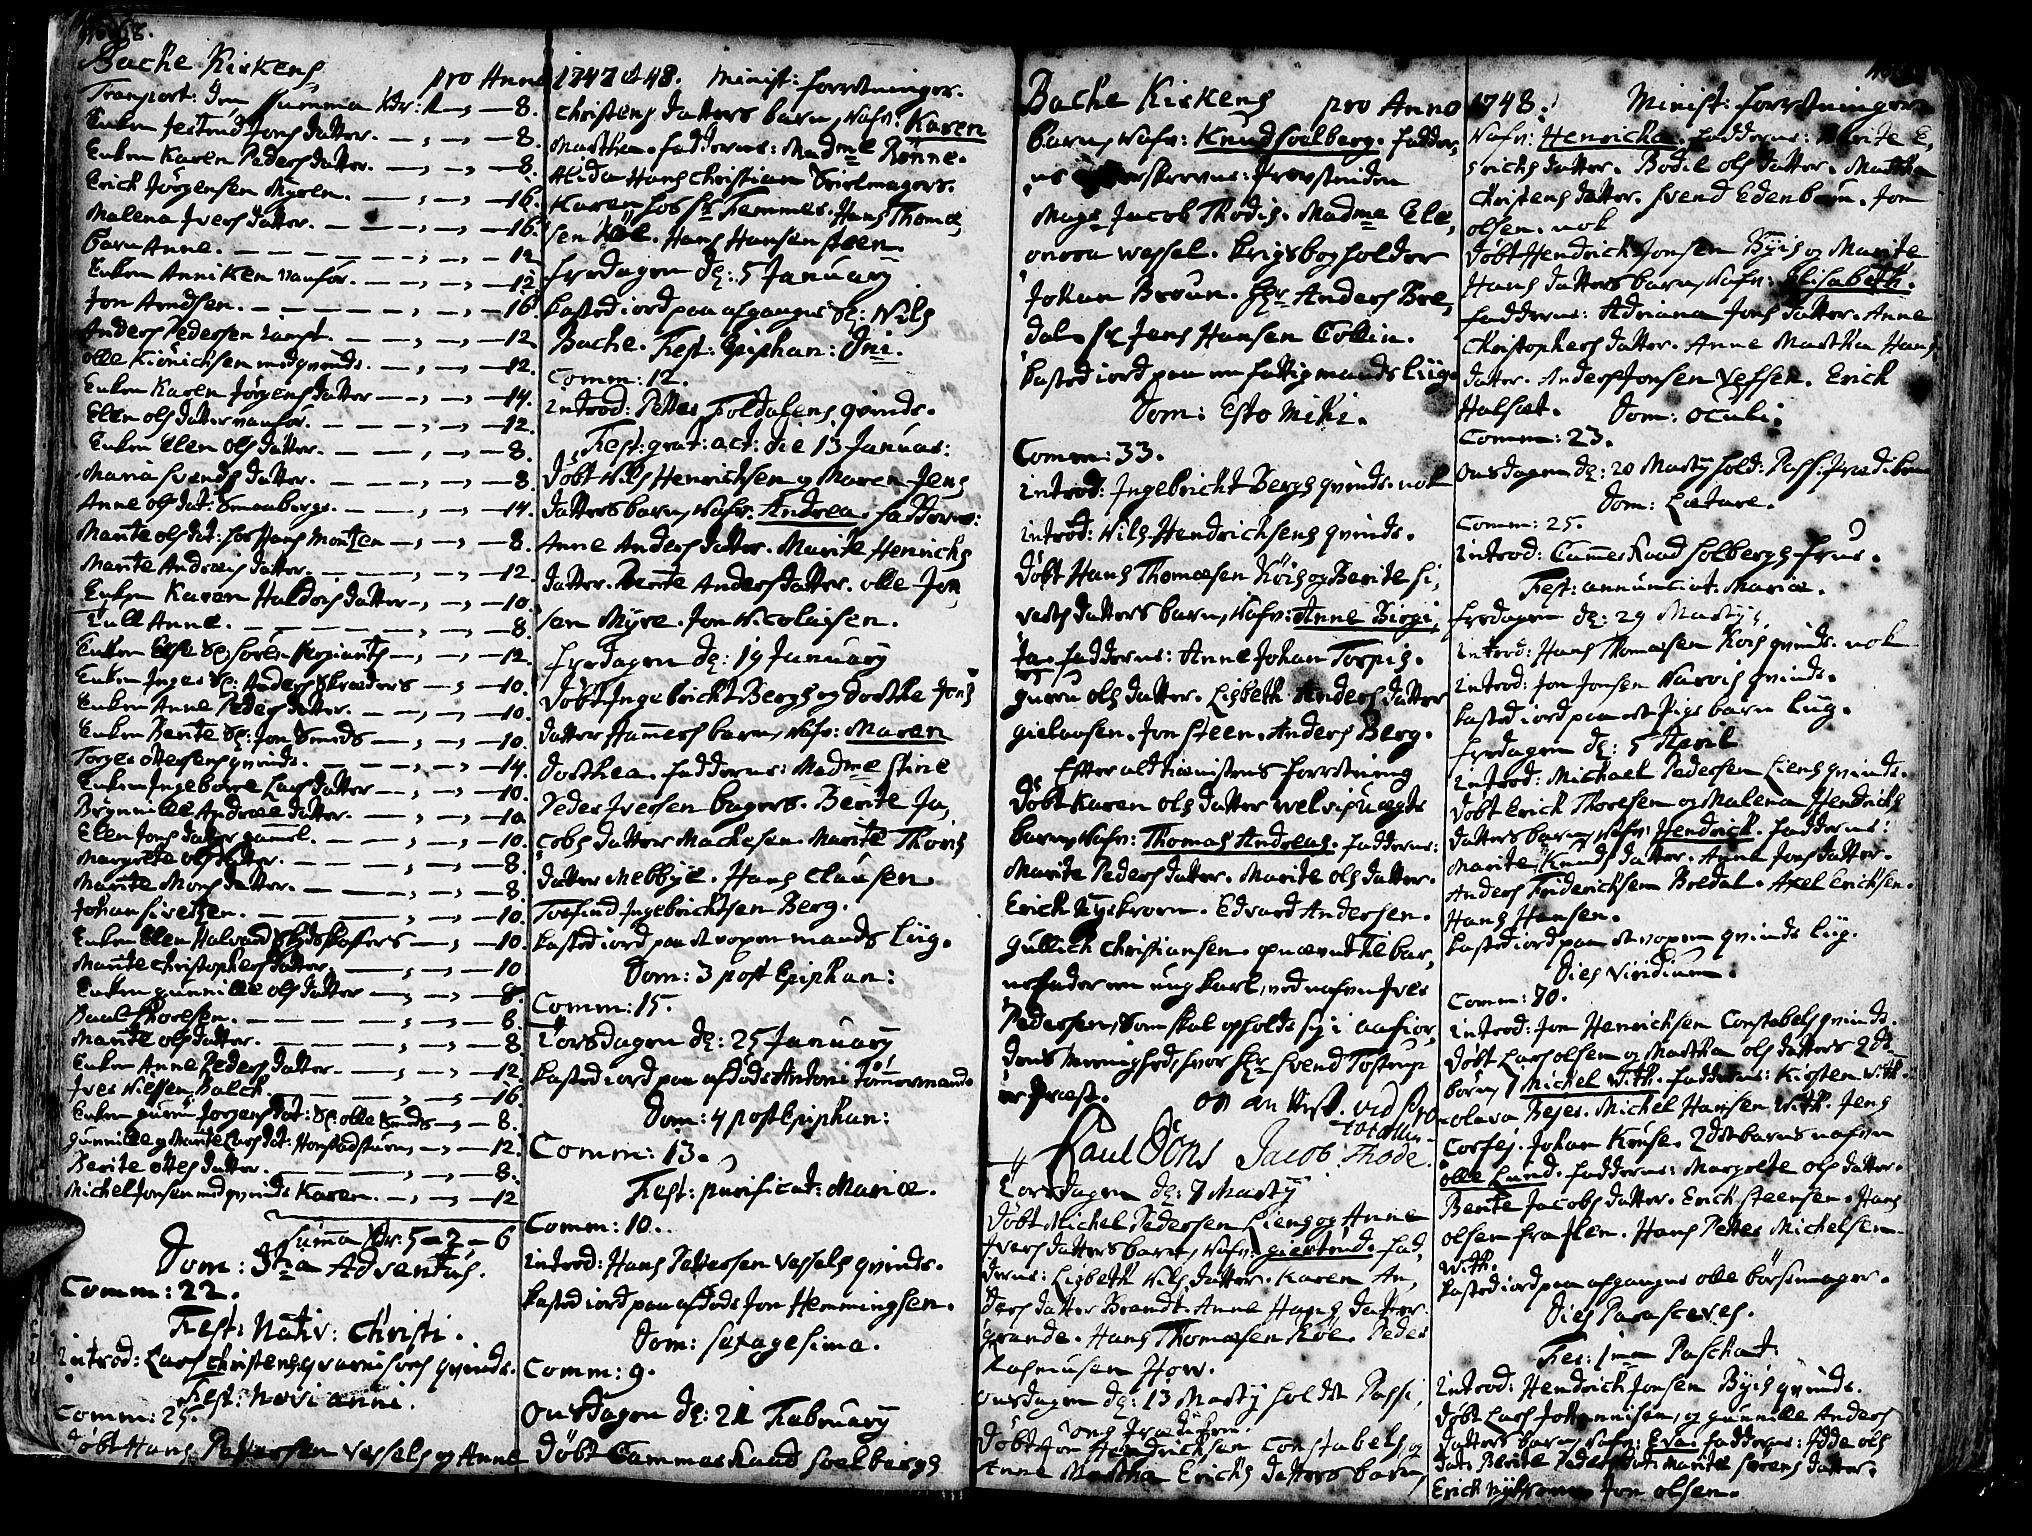 SAT, Ministerialprotokoller, klokkerbøker og fødselsregistre - Sør-Trøndelag, 606/L0276: Ministerialbok nr. 606A01 /2, 1727-1779, s. 68-69